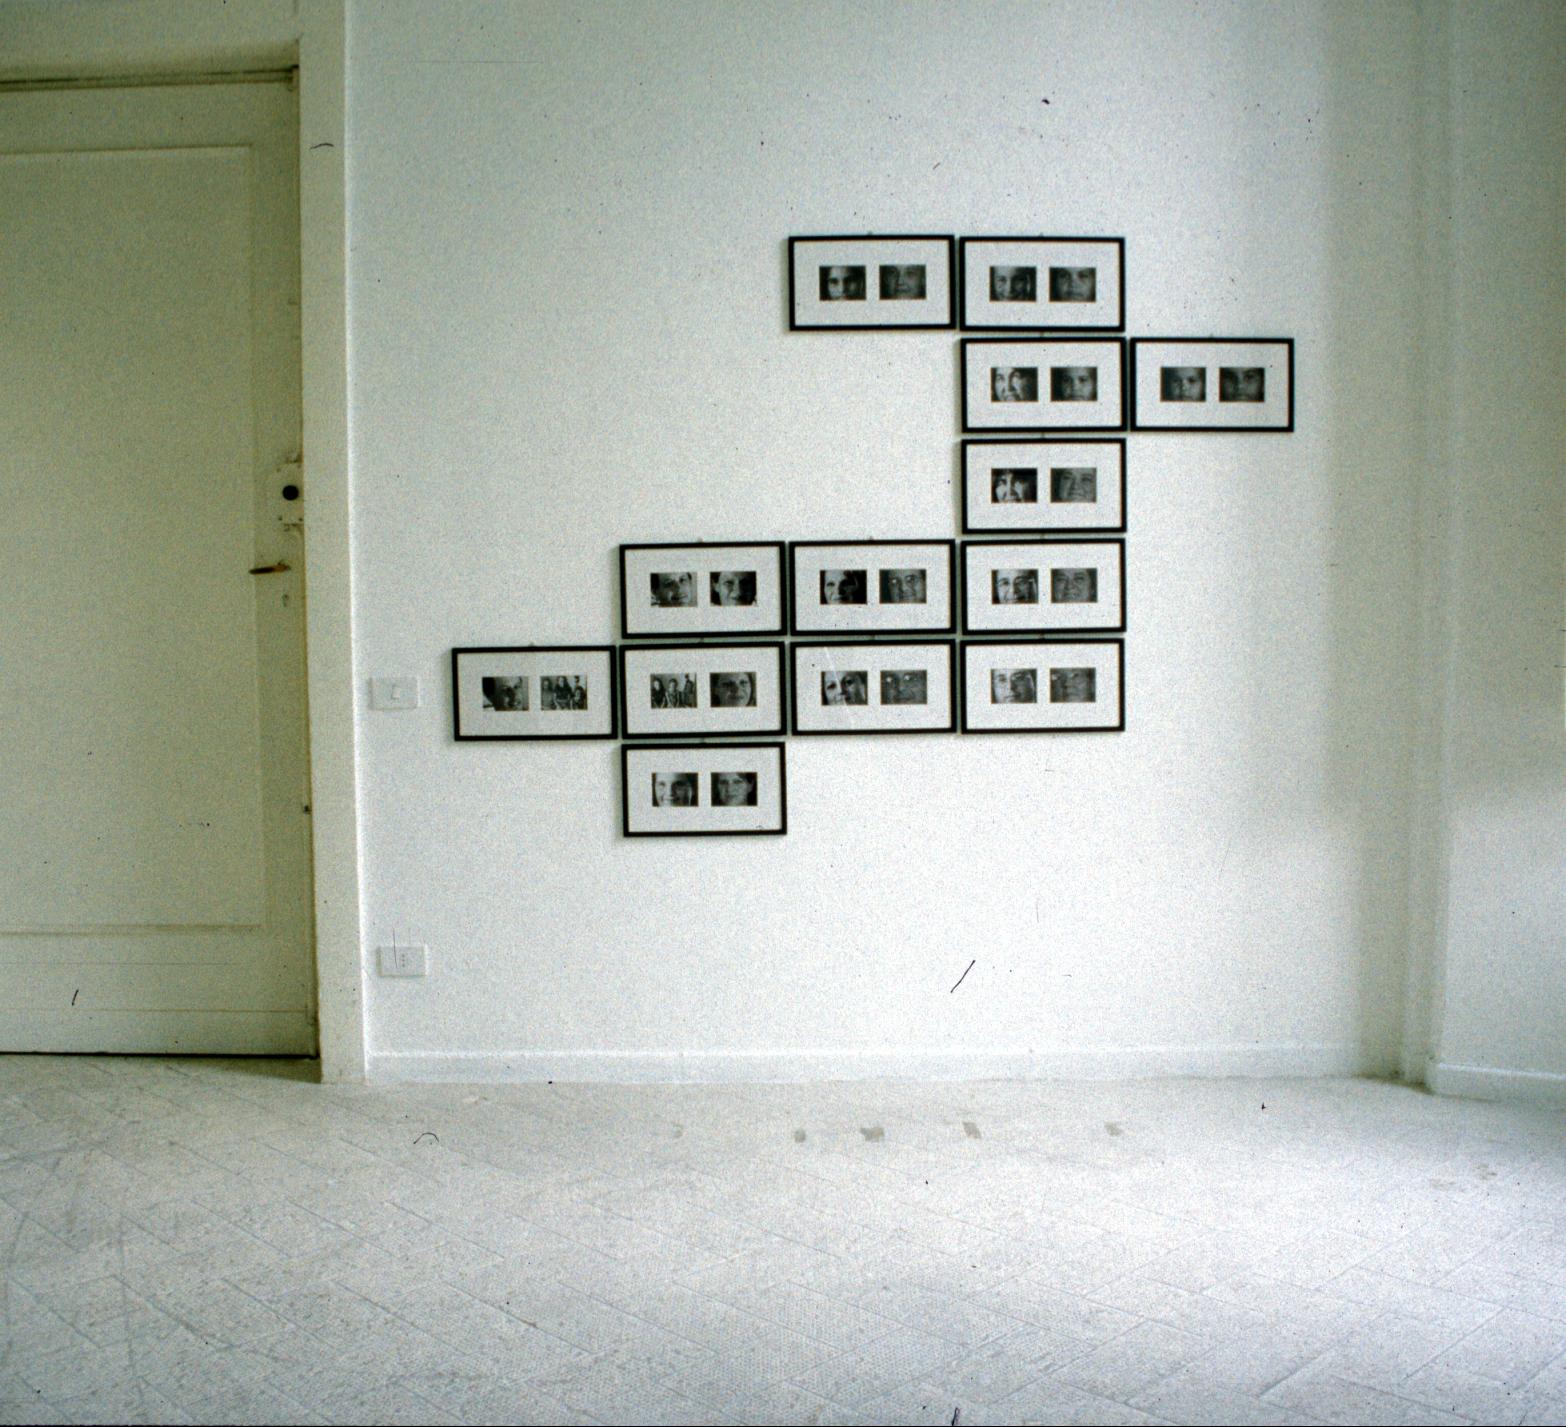 Salvatore Falci, 1998, Silent Communication, foto, Anglosasoni e Anglosassoni, Galleria Casoli Milano, 2000